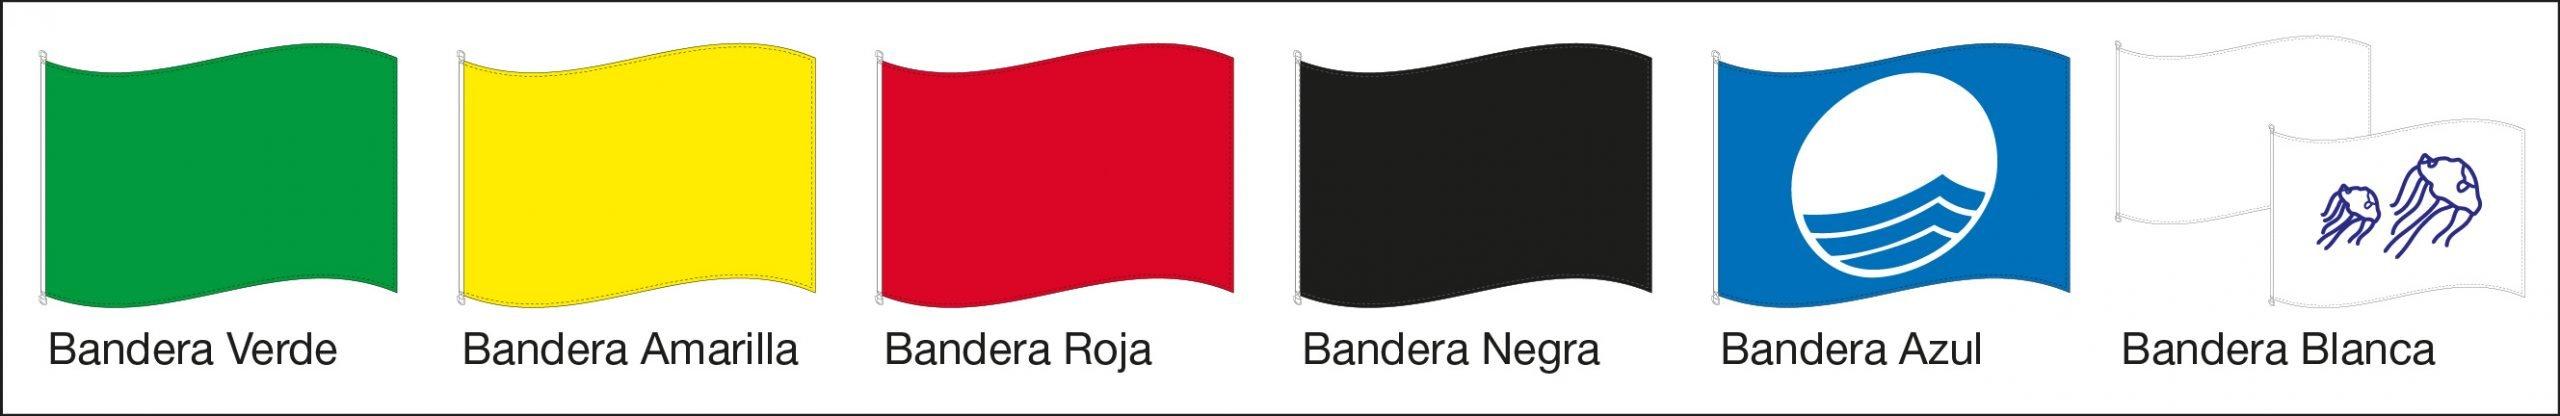 Significado colores banderas playa